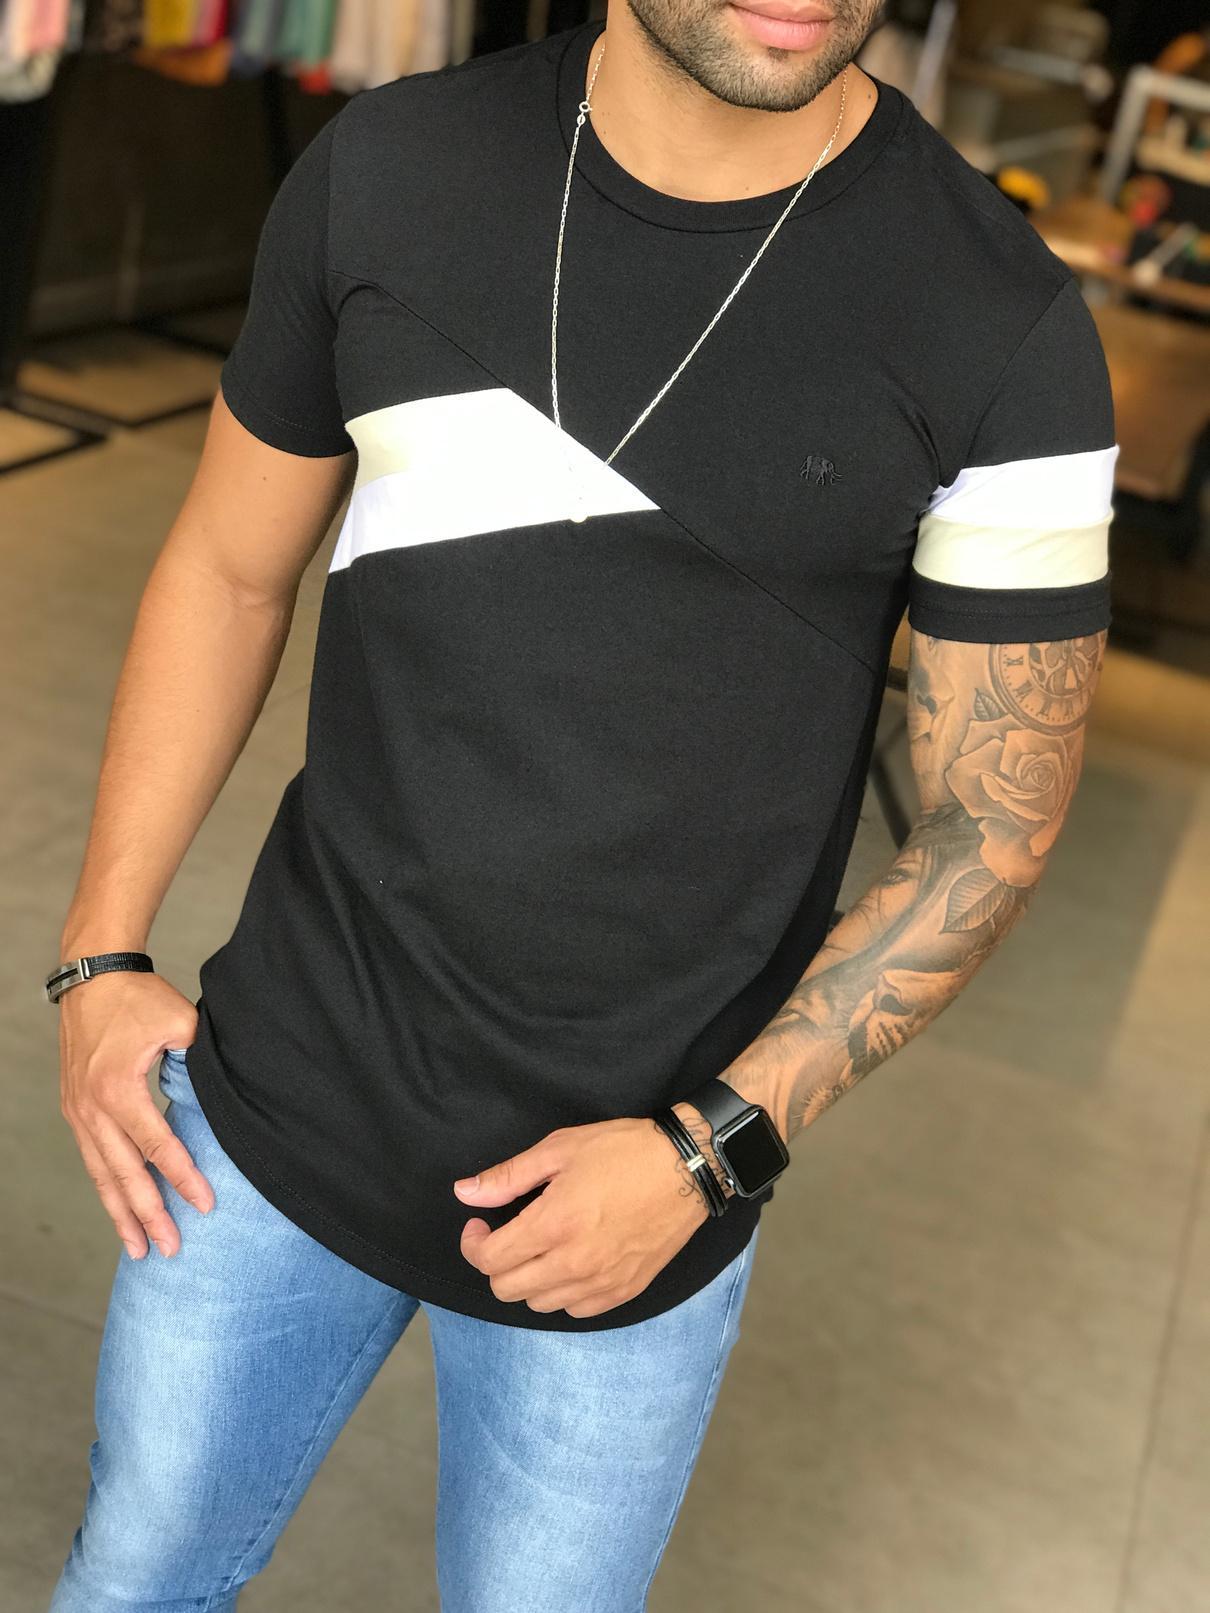 Camiseta M Artt Preta Detalhe Faixas  - Harpia Moda - Moda Masculina & Acessórios